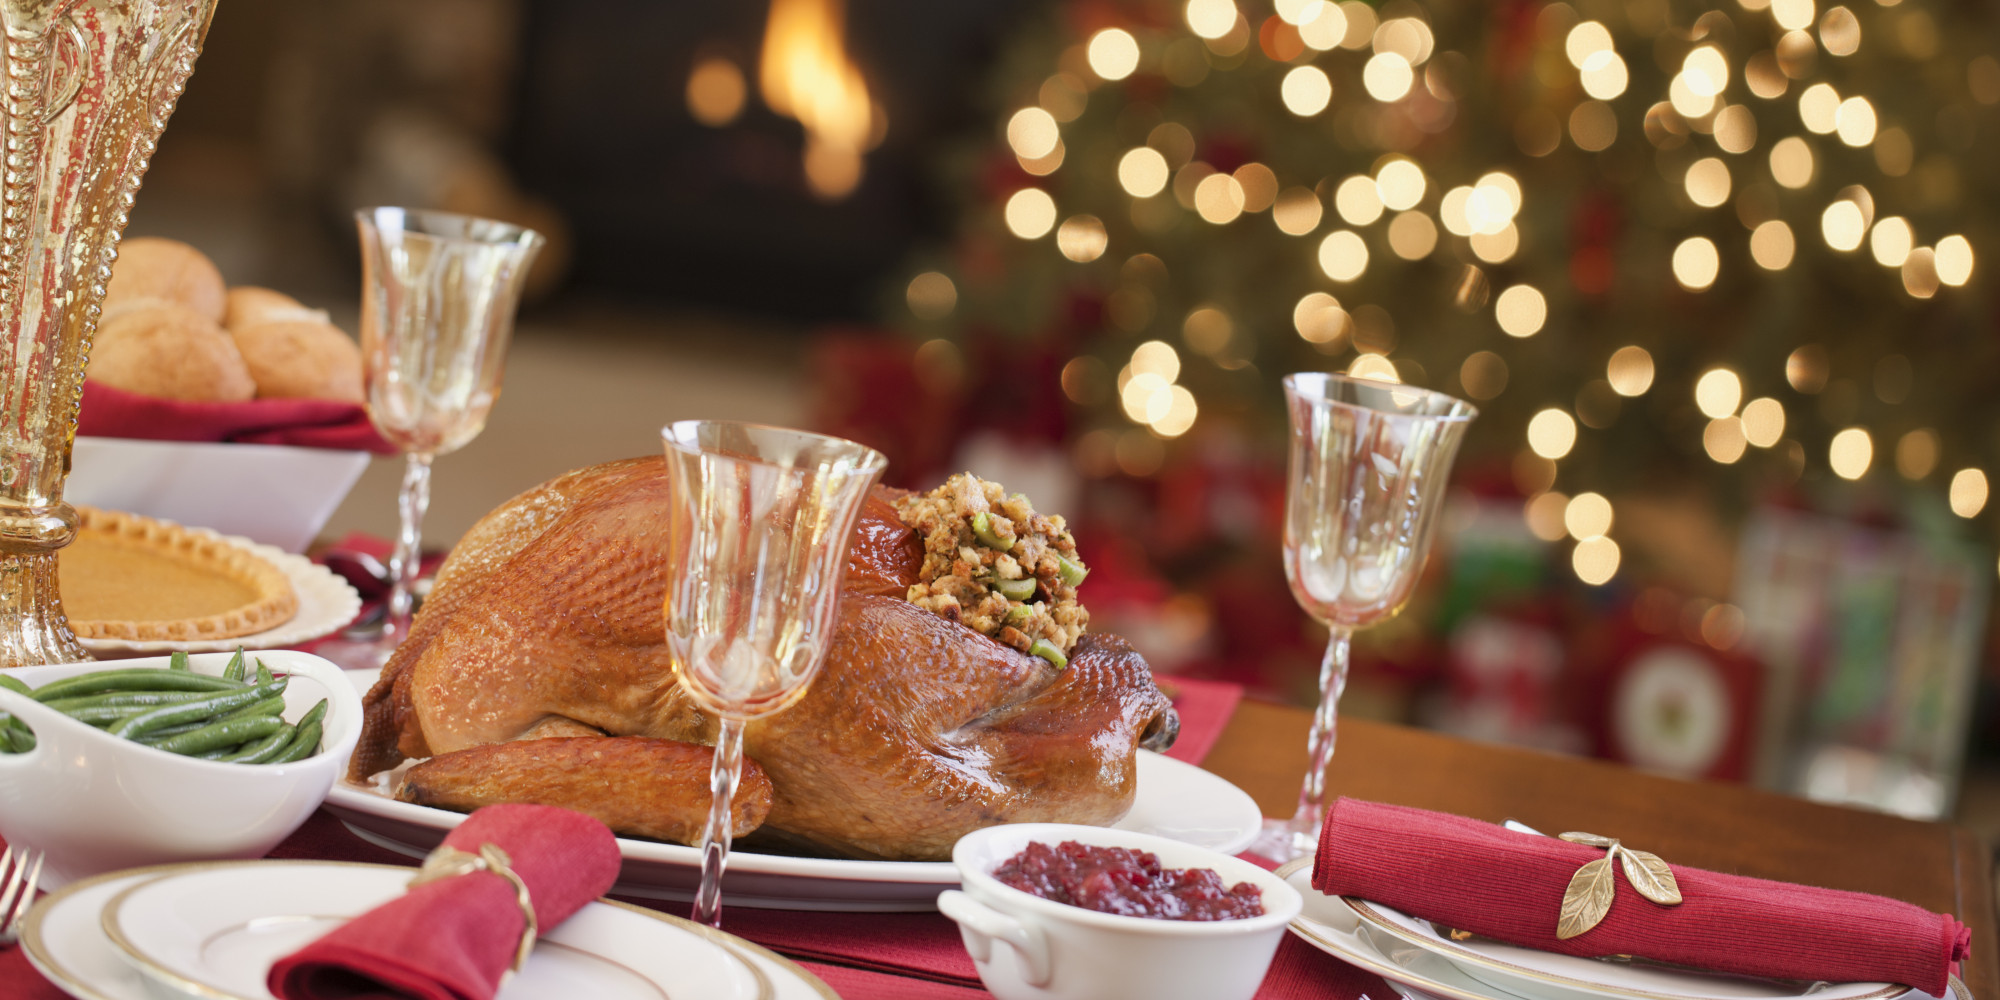 Christmas food traditional christmas food new zealand traditional food